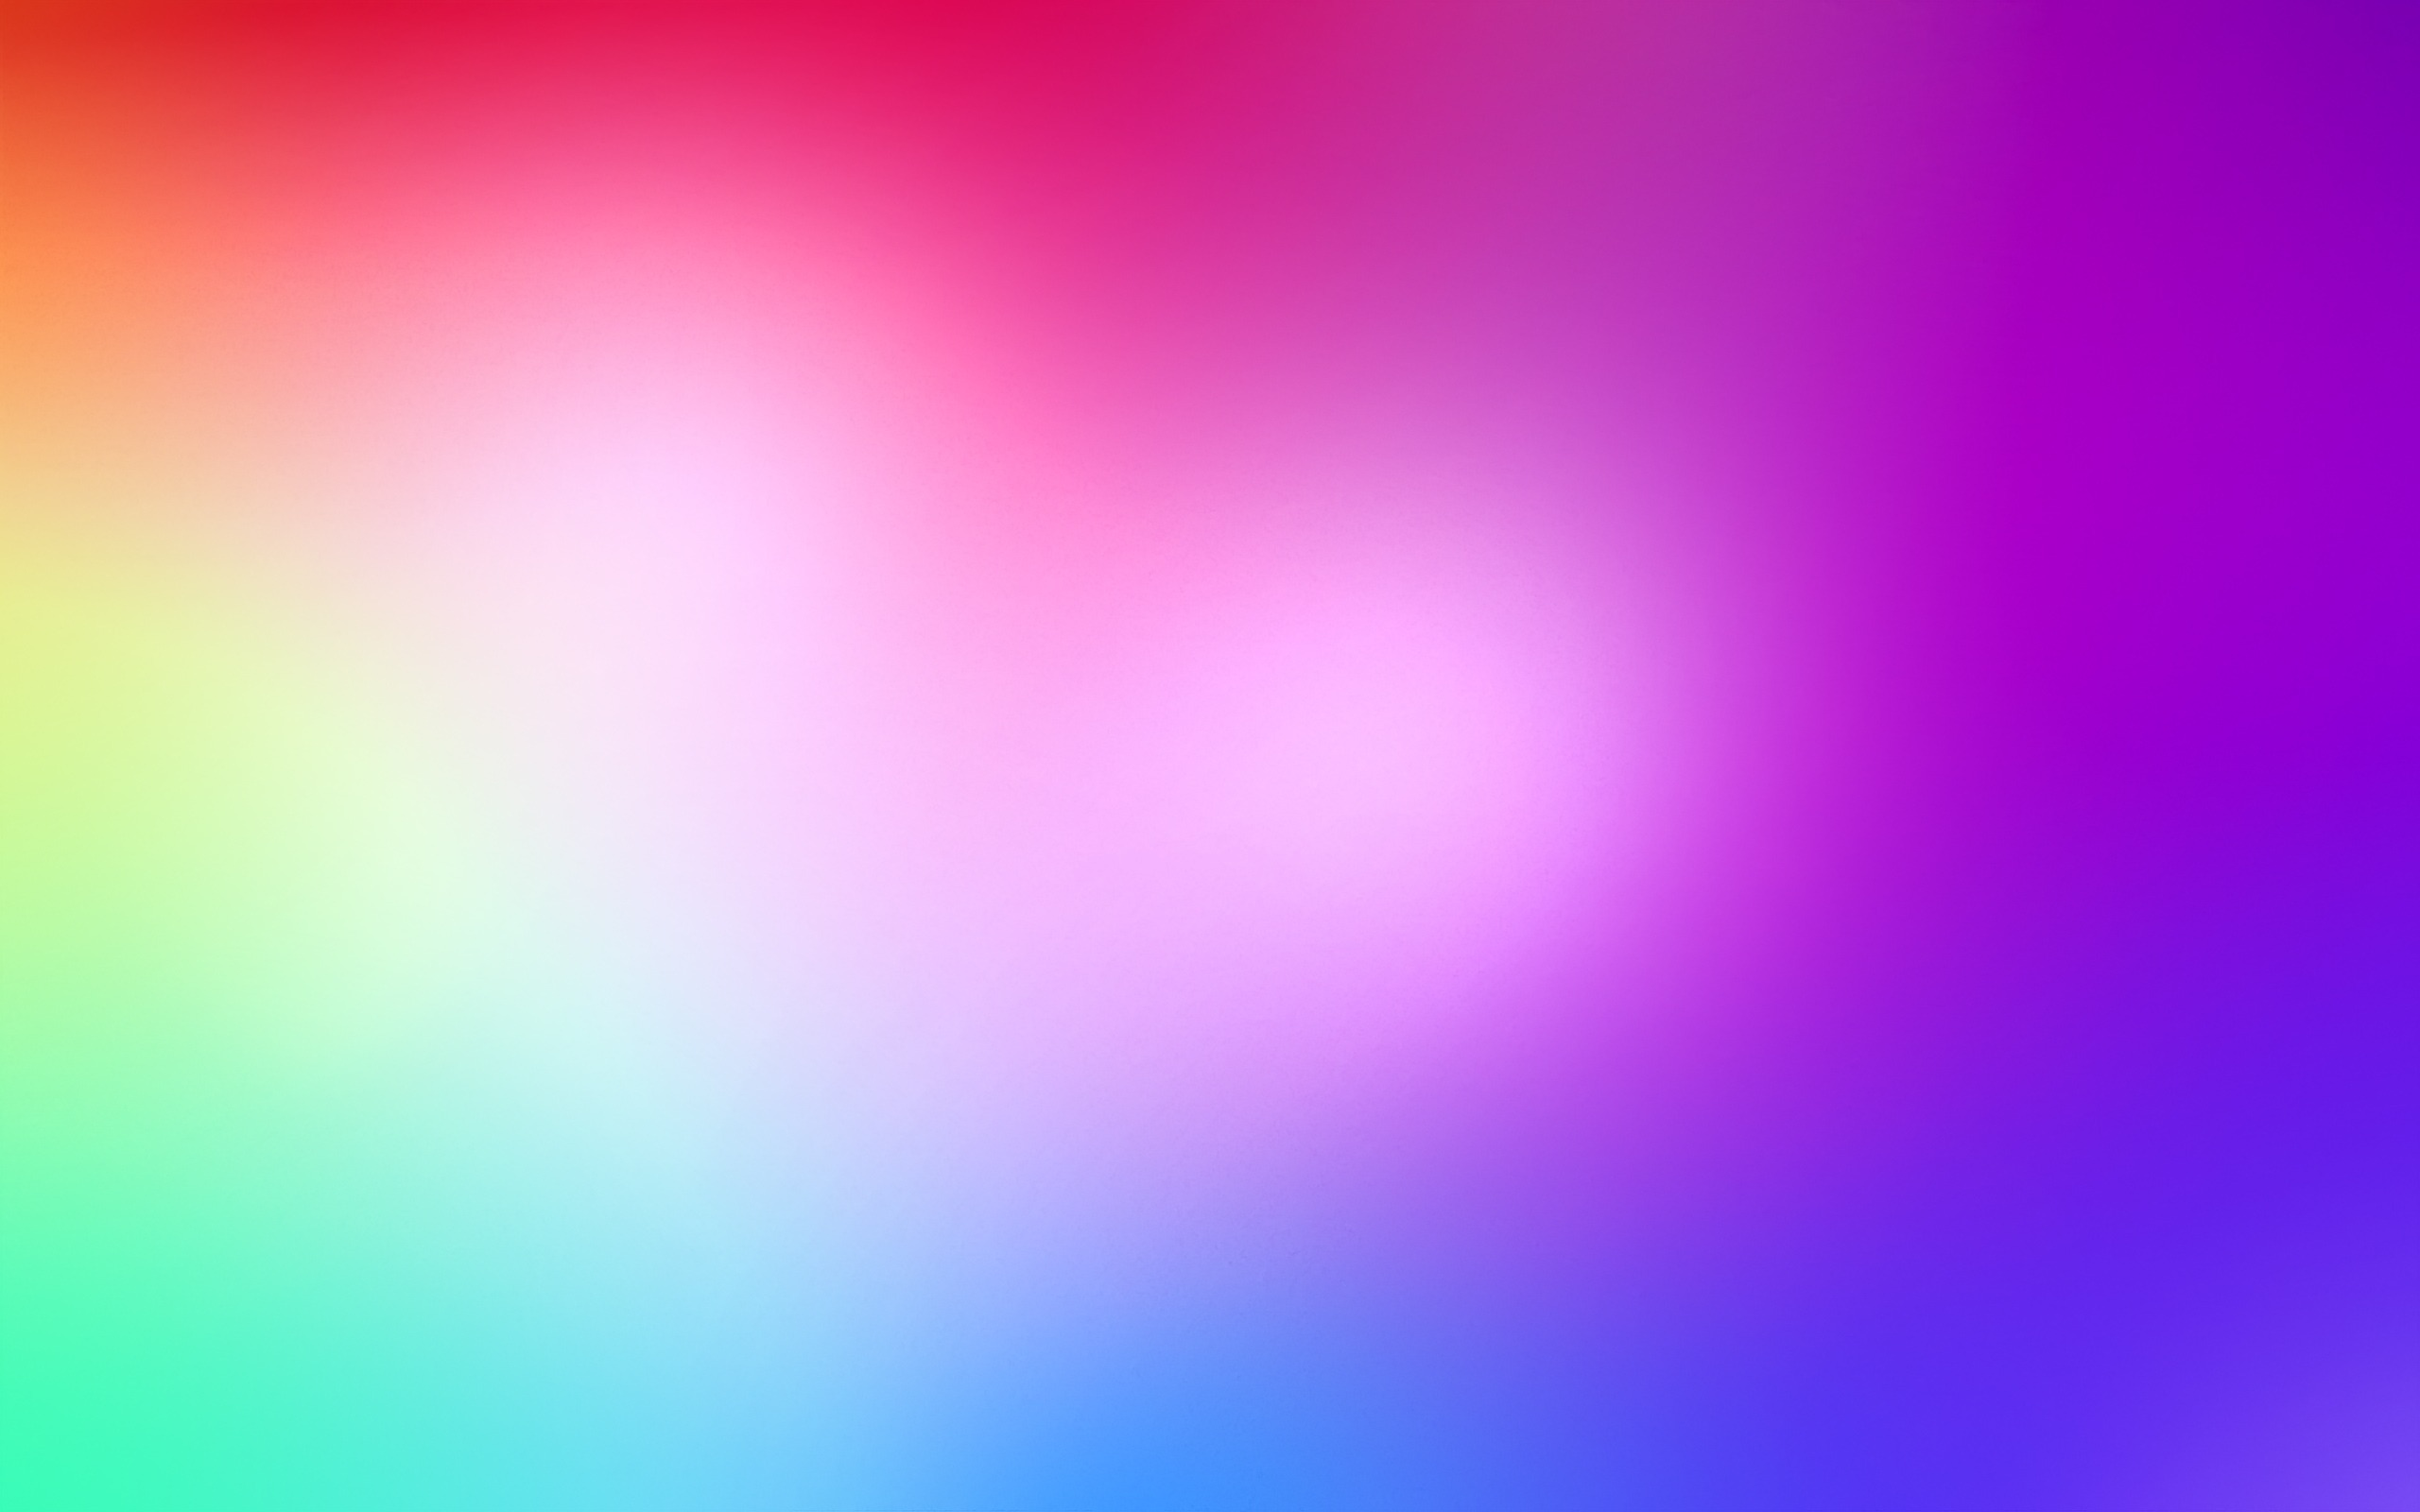 Color Desktop Wallpaper - WallpaperSafari